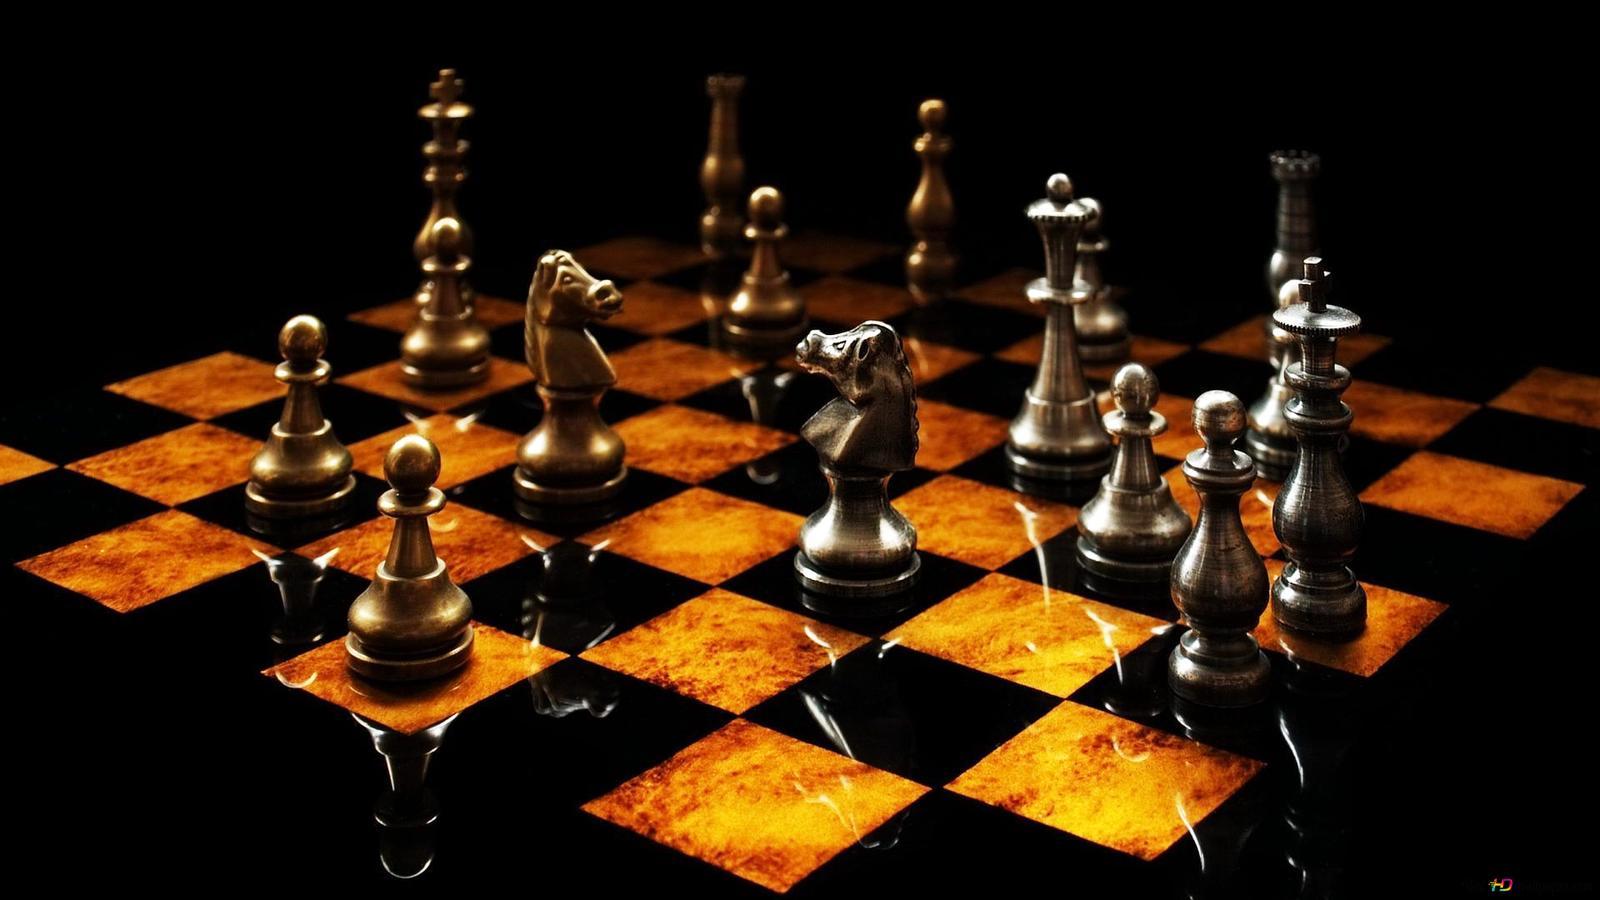 チェスウッドをチェック Hd壁紙のダウンロード